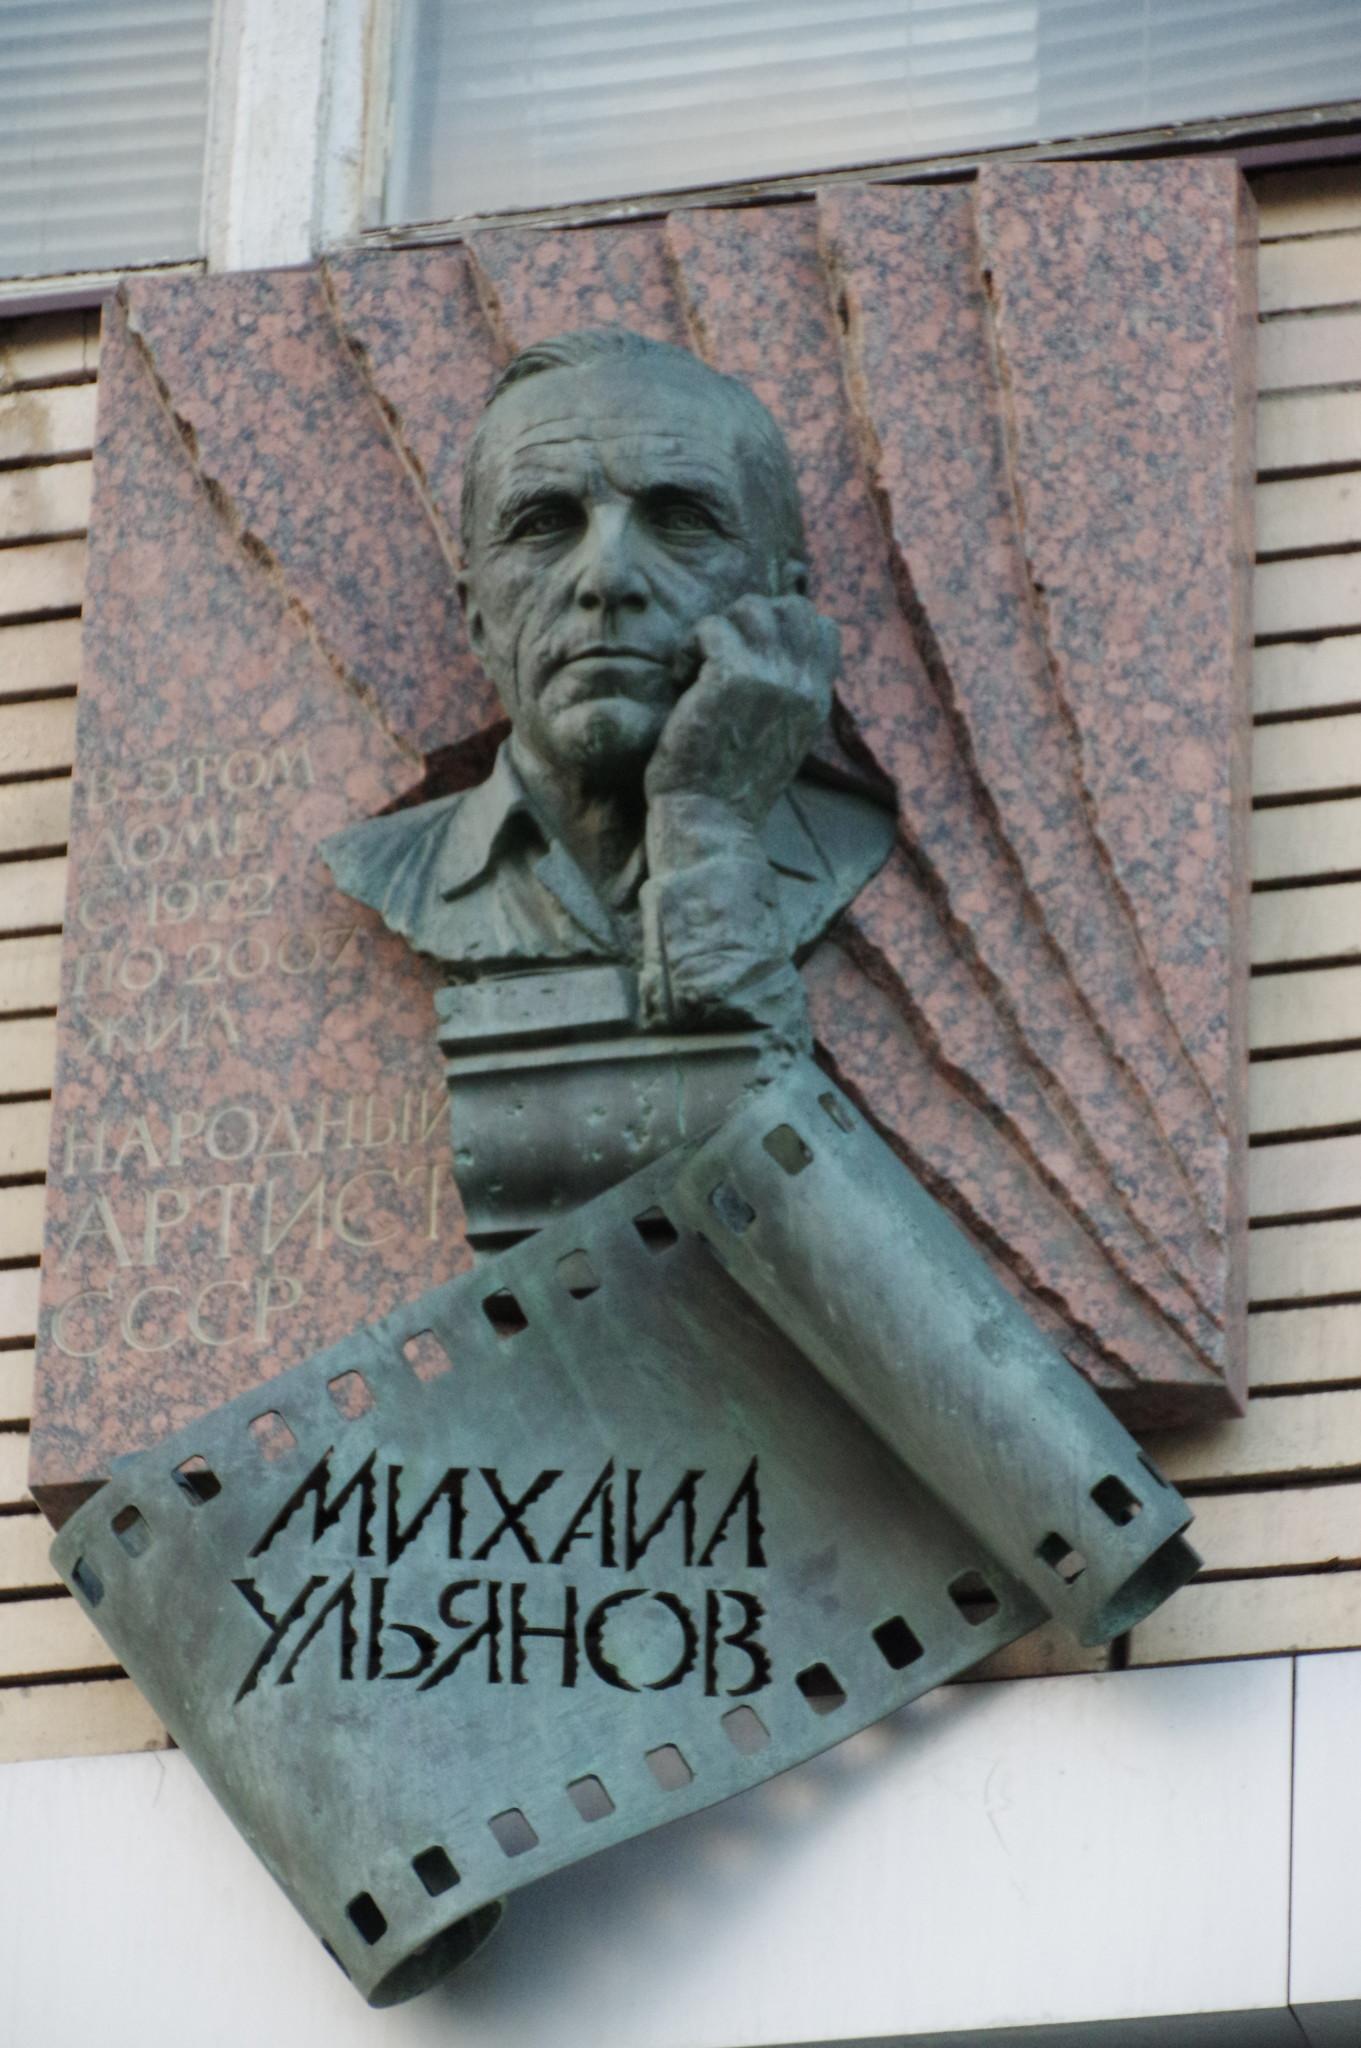 Мемориальная доска на фасаде дома (Большая Бронная улица, дом 29 ), где с 1972 года по 2007 год жил Народный артист СССР Михаил Александрович Ульянов